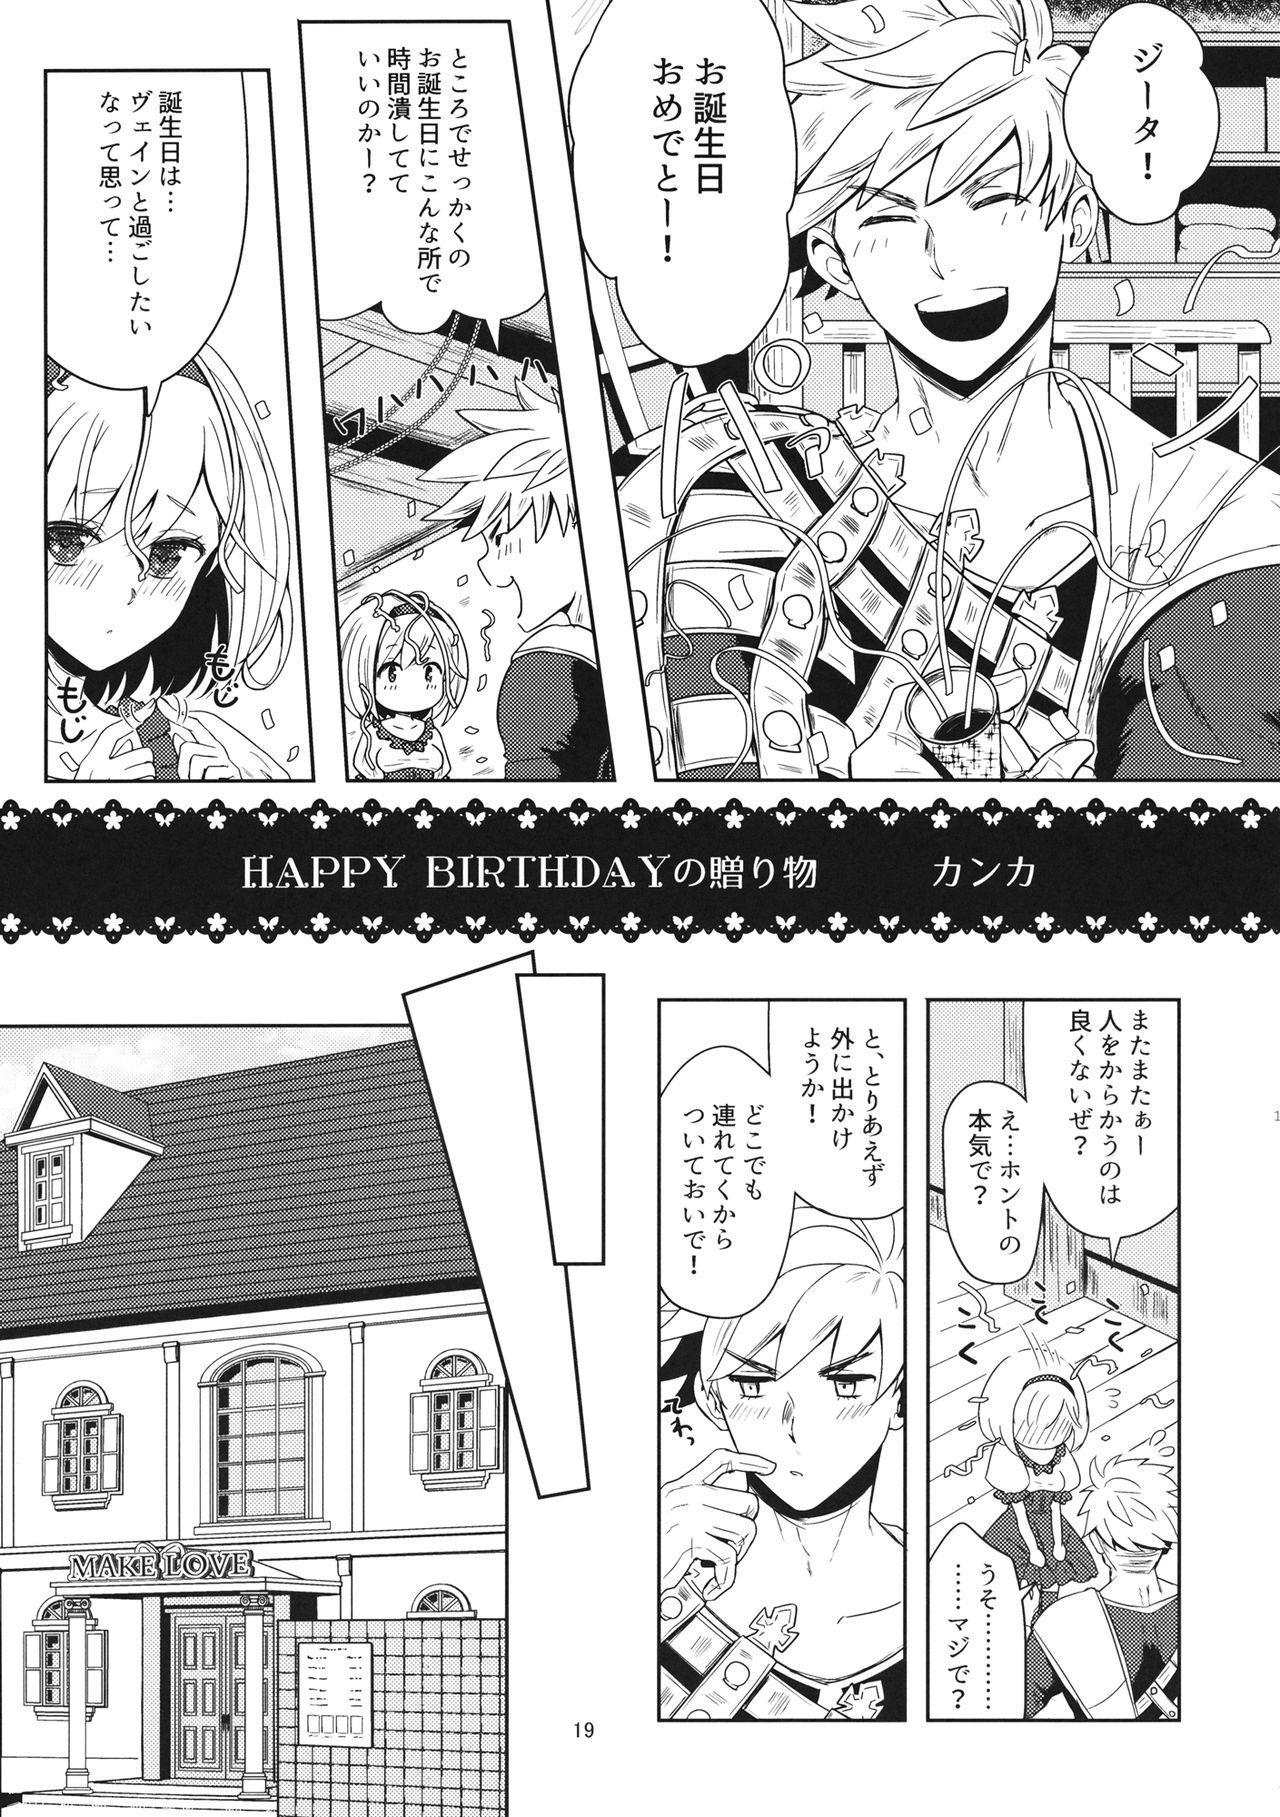 2/4 Kishi - Yonbun no Ni Kishi 18